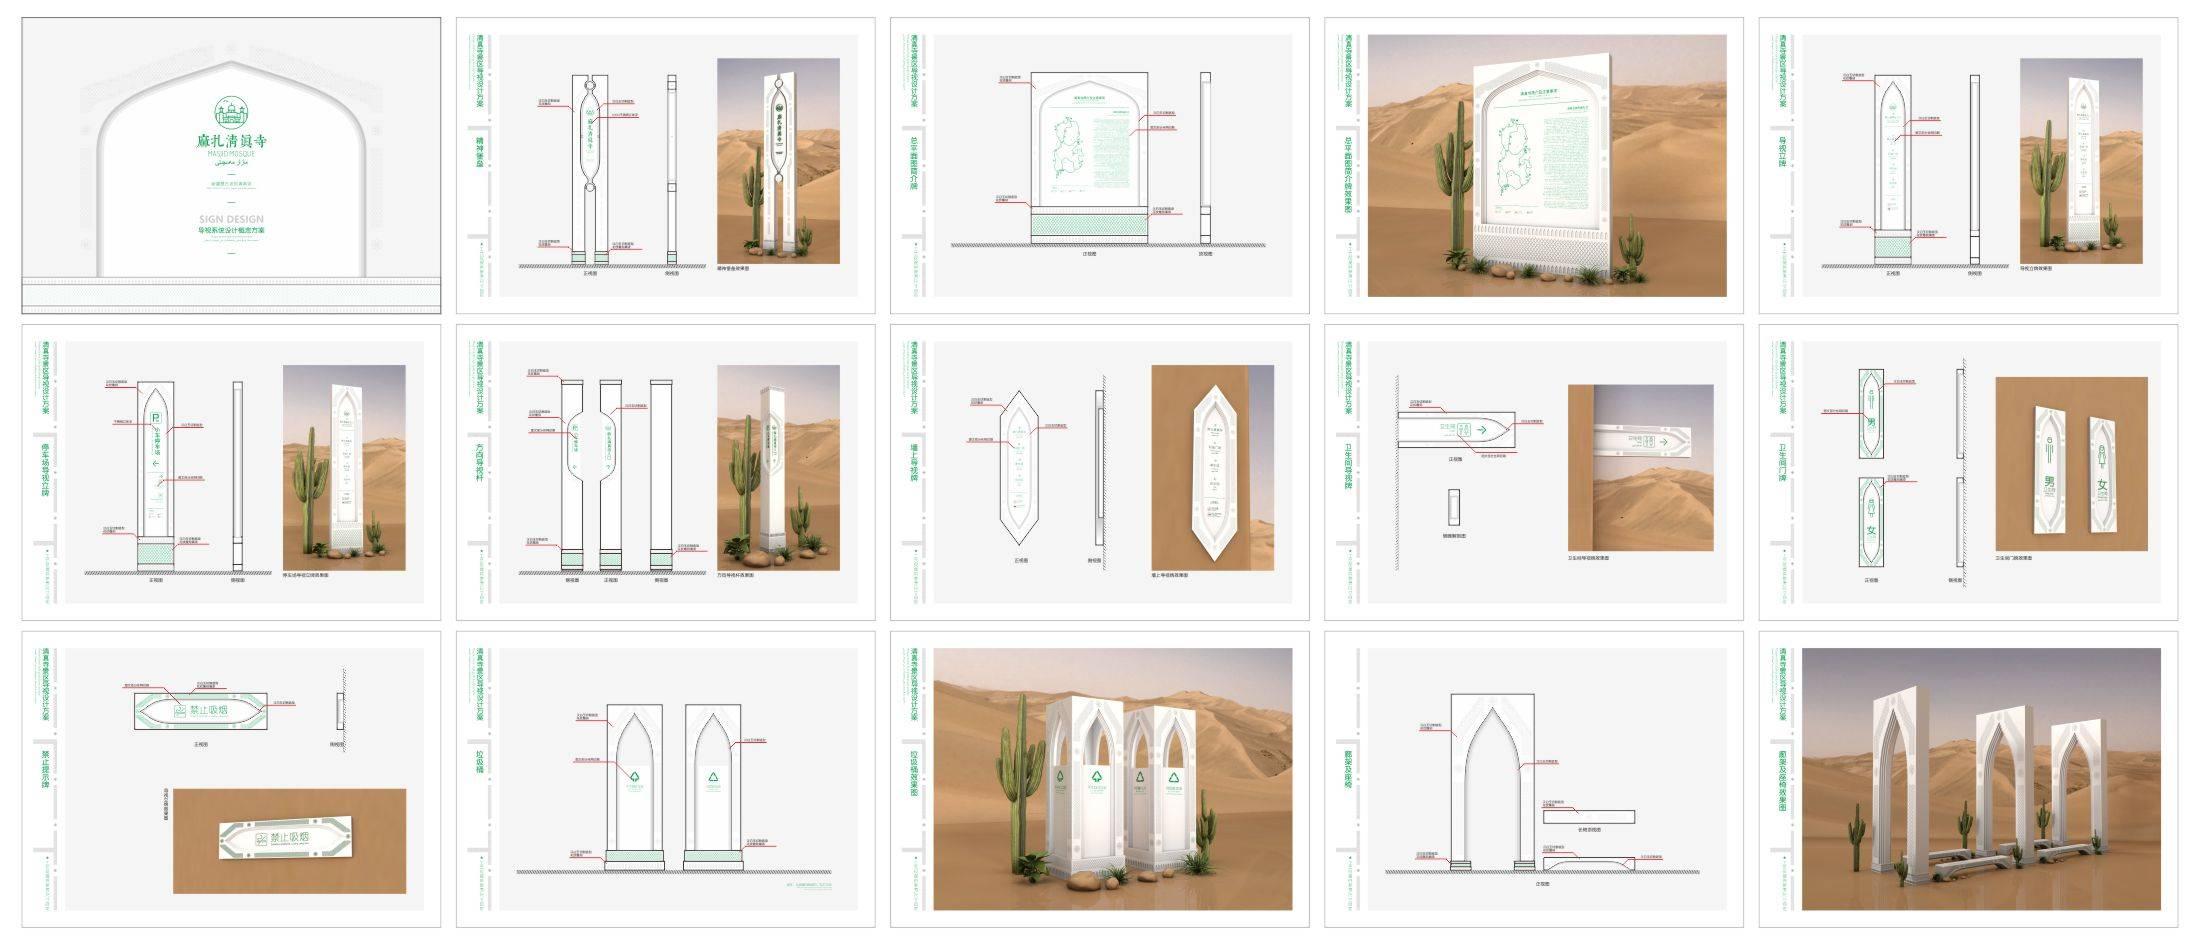 【美享云创· 原创作品系列】之《清真寺景区伊斯兰教风格导视系统设计概念方案》